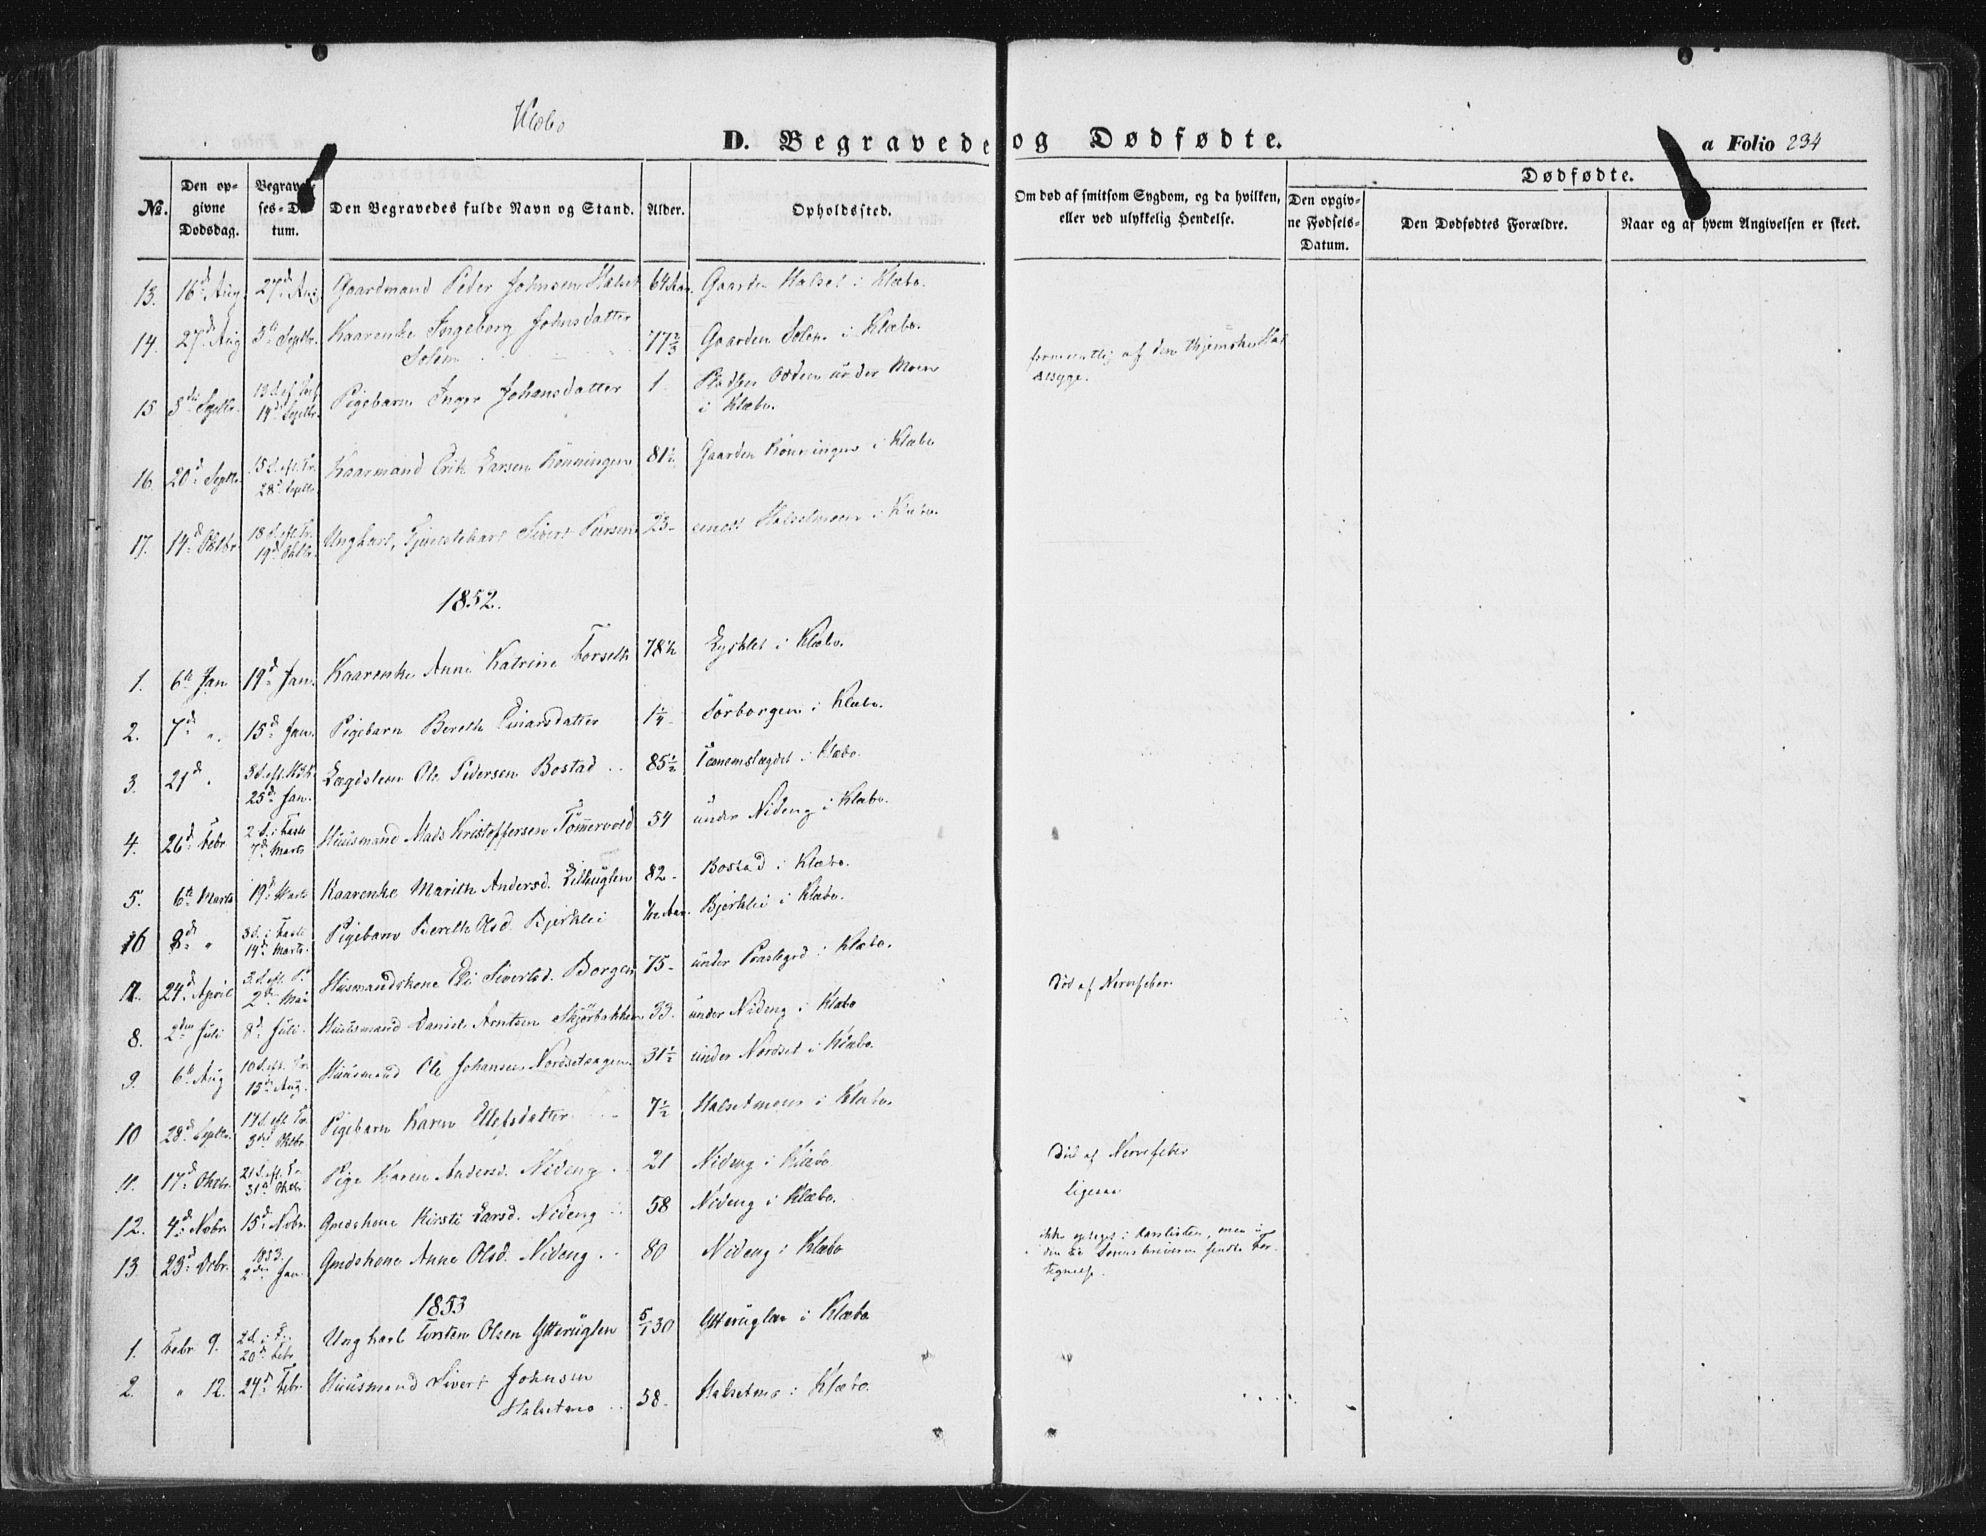 SAT, Ministerialprotokoller, klokkerbøker og fødselsregistre - Sør-Trøndelag, 618/L0441: Ministerialbok nr. 618A05, 1843-1862, s. 234